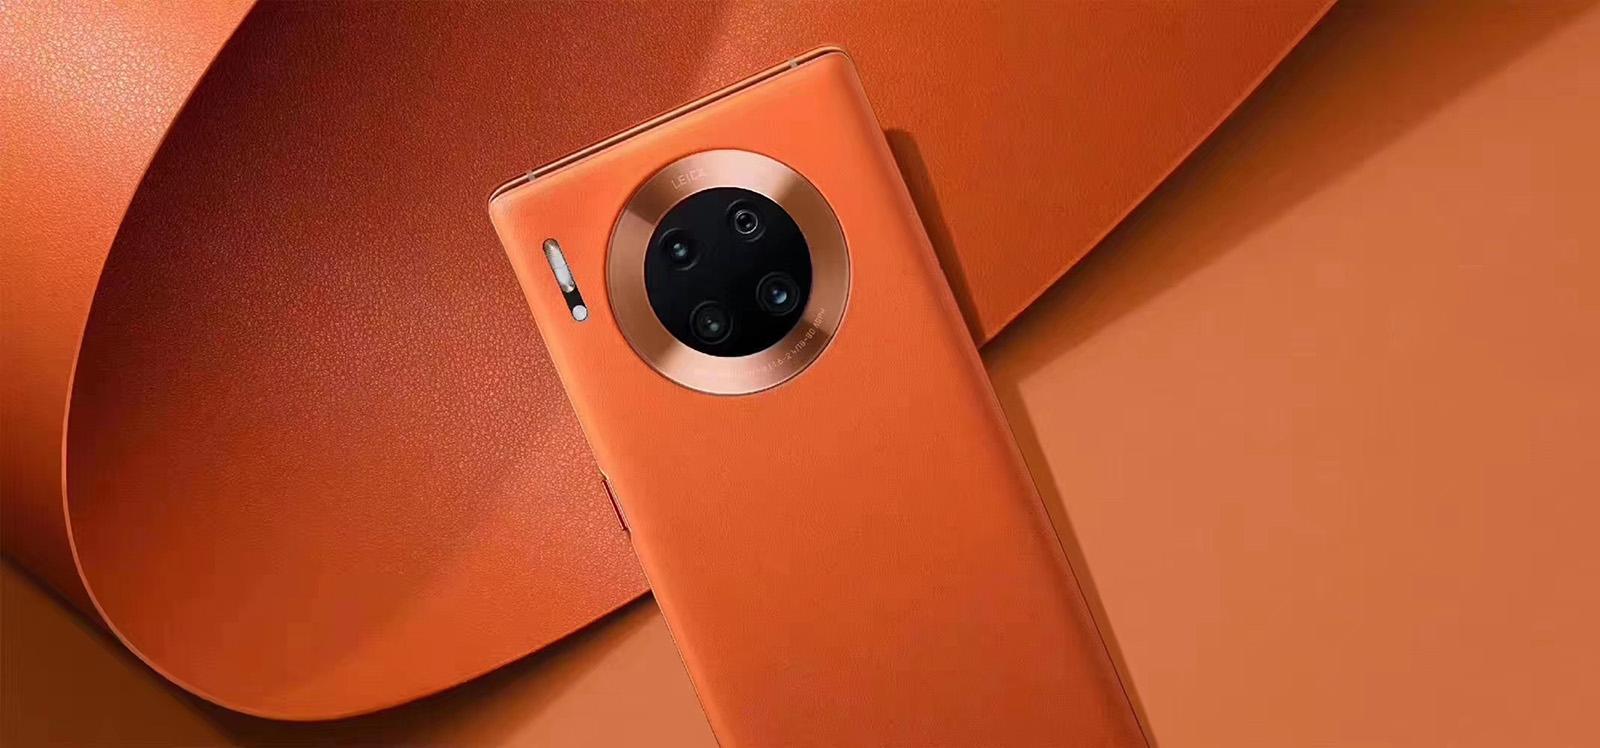 喜欢拍照选华为,4部拍照最好的华为手机,第一部实力最强